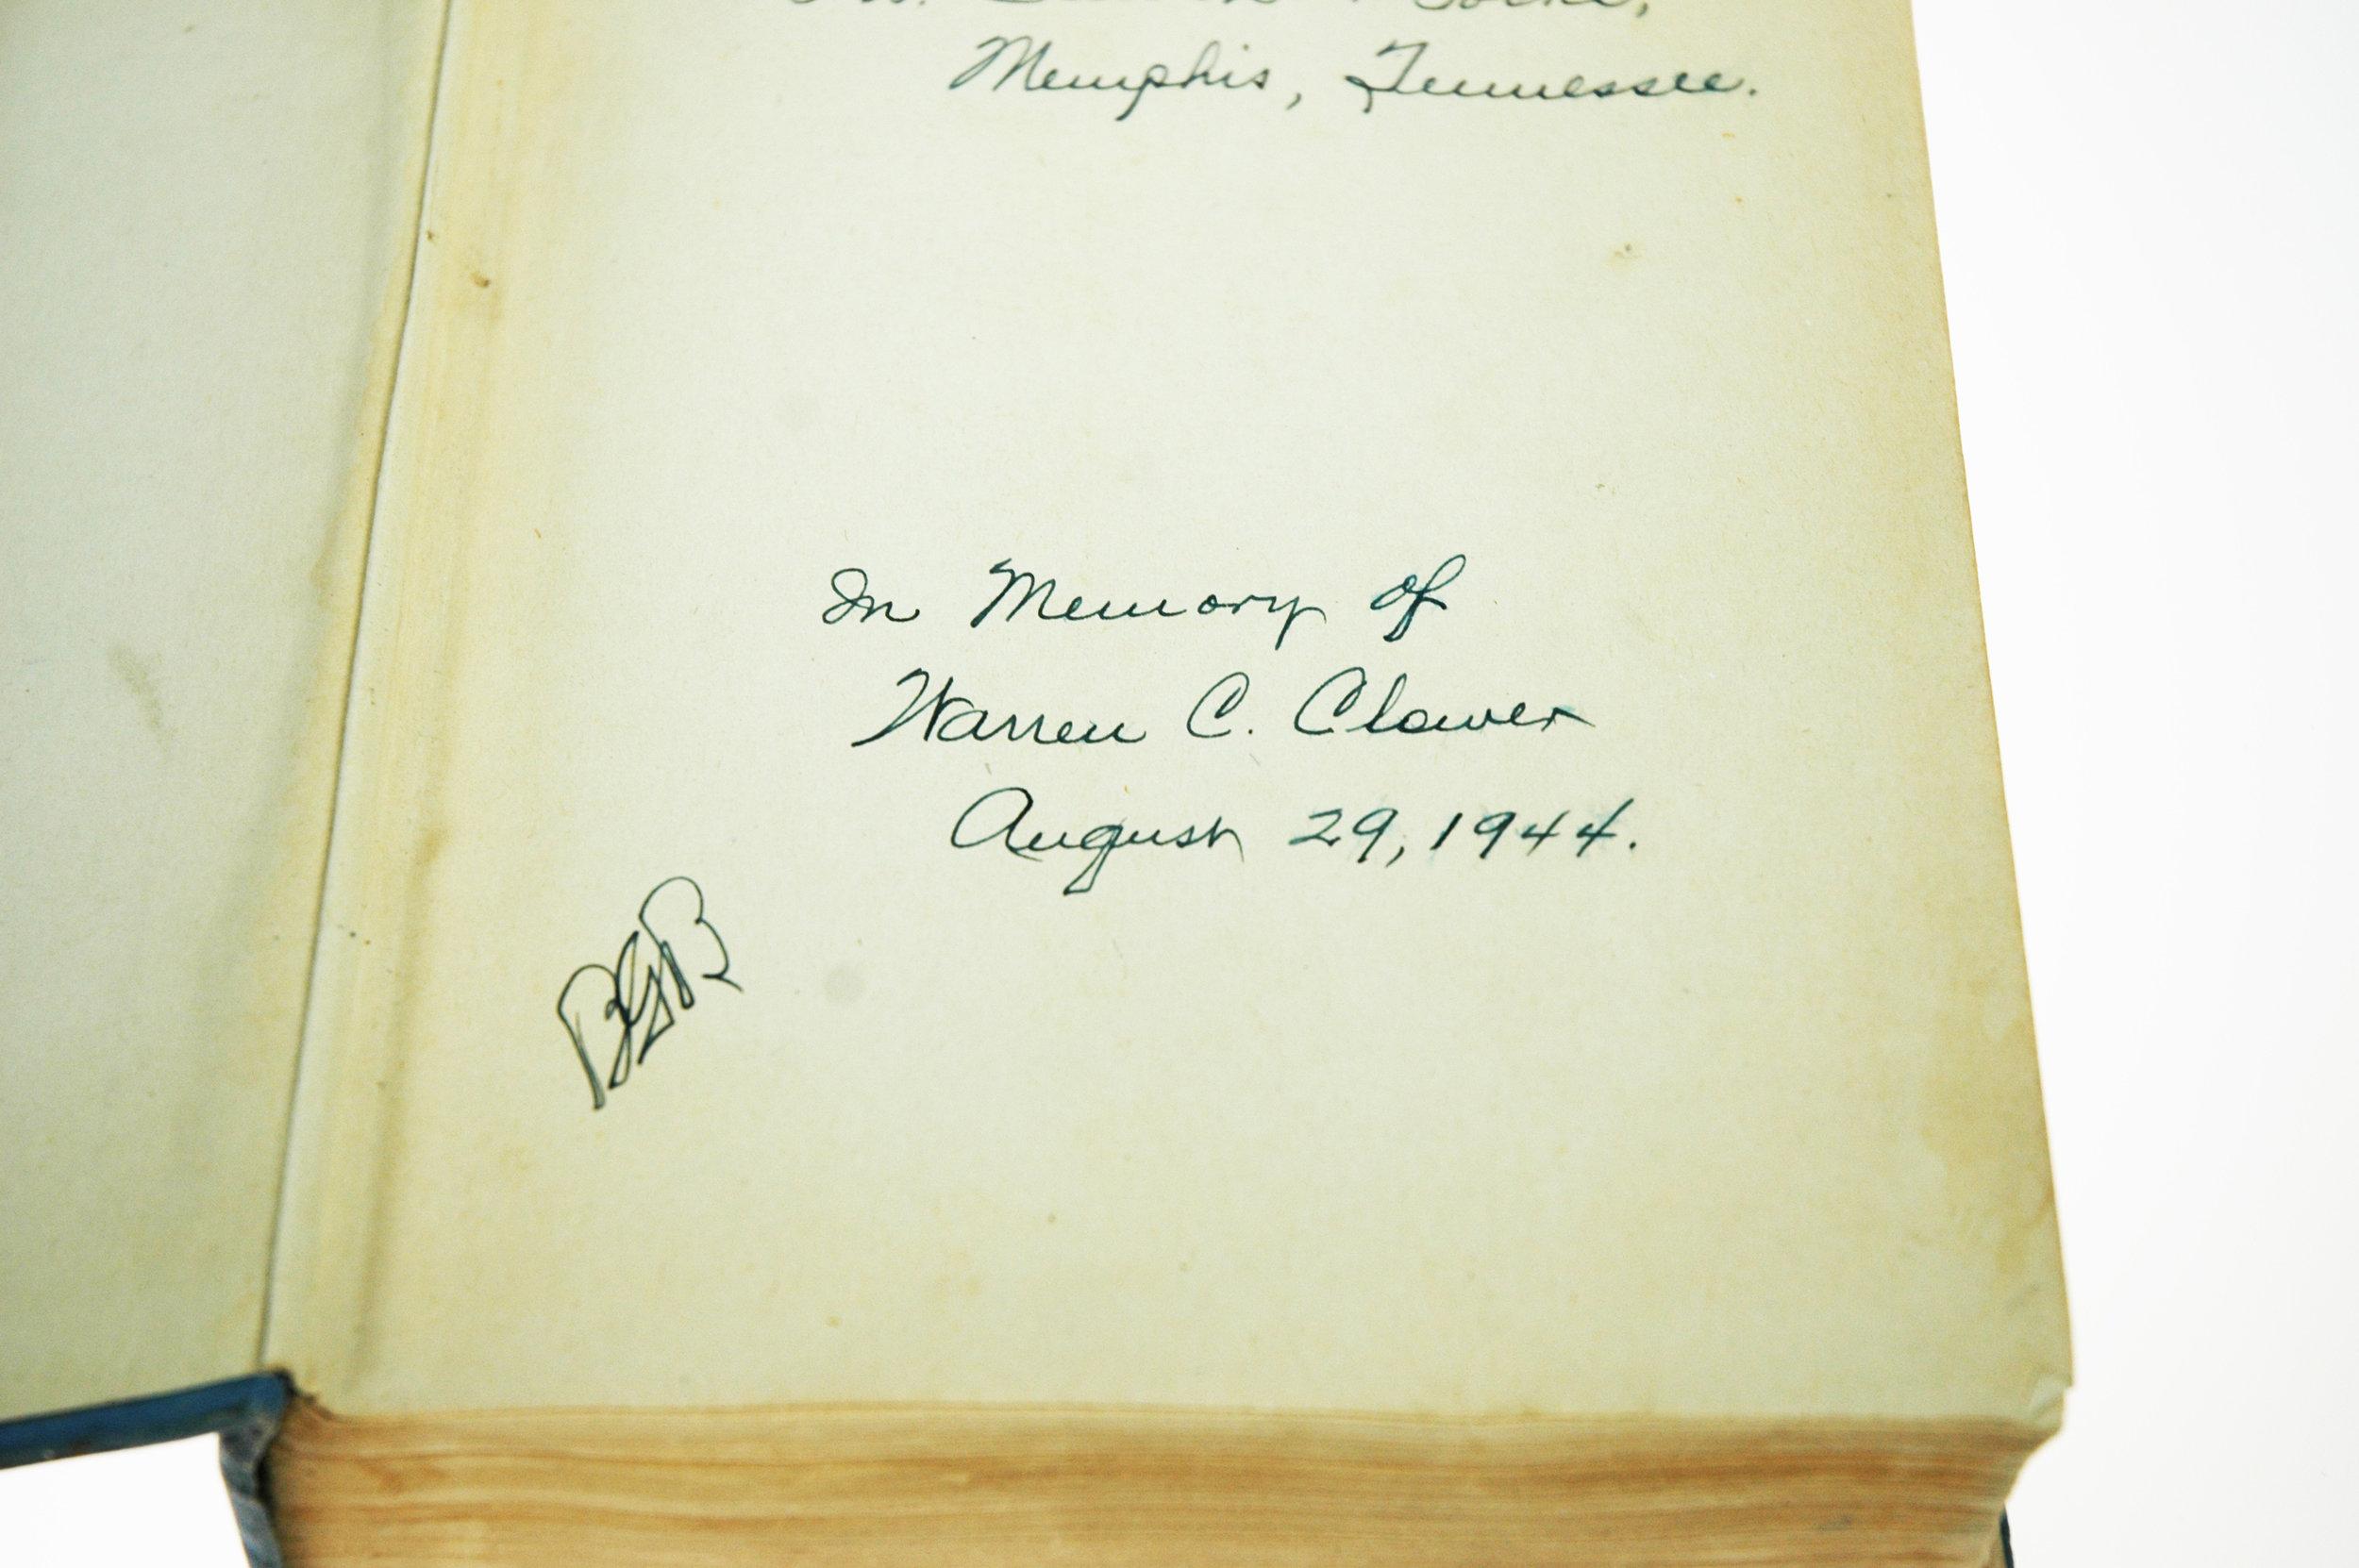 Warren Clower dedication inside book